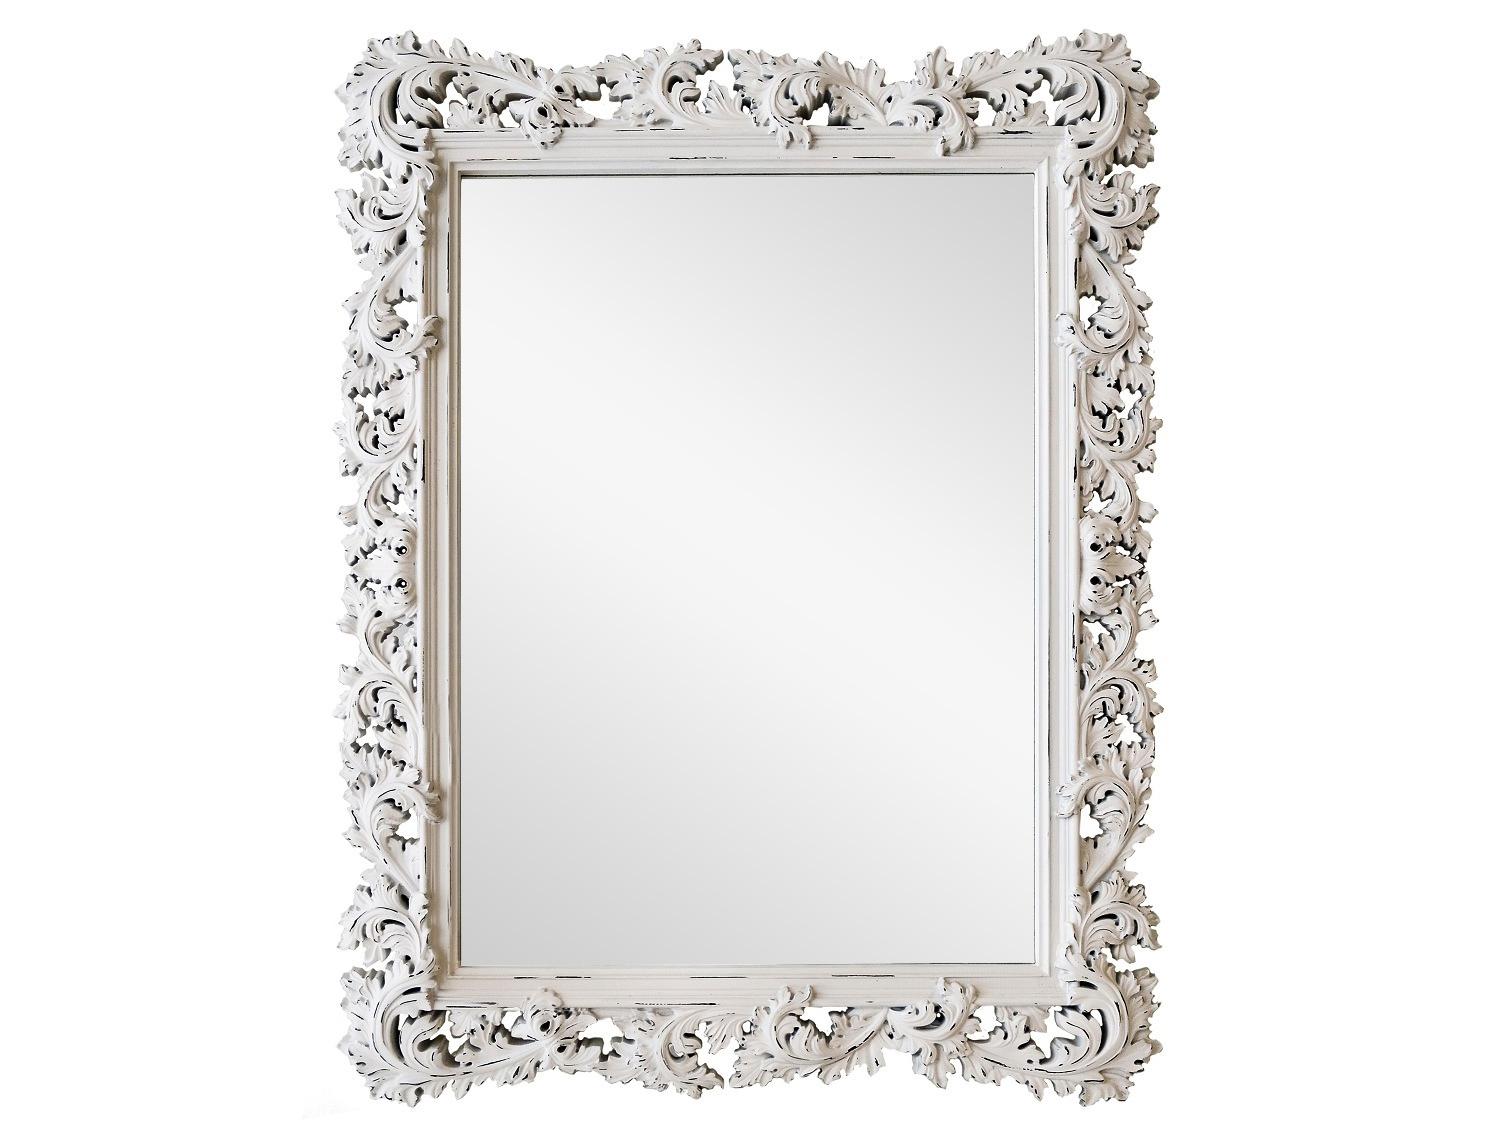 Роскошное зеркало Прованс в резной рамеНастенные зеркала<br>&amp;lt;div&amp;gt;Зеркало в красивой раме в стиле шебби-шик ? эта сама нежность! Легкая, как воздушный крем, резьба окрашена в белый цвет с винтажной ноткой. Обрамление изготовлено из мебельного пенополиуретана. Этот материал очень крепкий и совсем не боится влаги, поэтому зеркало можно поставить на туалетный столик или повесить в ванной. И ППУ, и лакокрасочное покрытие экологичны, не содержат опасных примесей и совершенно безопасны для людей.&amp;lt;/div&amp;gt;&amp;lt;div&amp;gt;&amp;lt;br&amp;gt;&amp;lt;/div&amp;gt;&amp;lt;div&amp;gt;Цвет: Белый Шебби-шик&amp;lt;br&amp;gt;&amp;lt;/div&amp;gt;<br><br>Material: Полиуретан<br>Ширина см: 88<br>Высота см: 115<br>Глубина см: 4